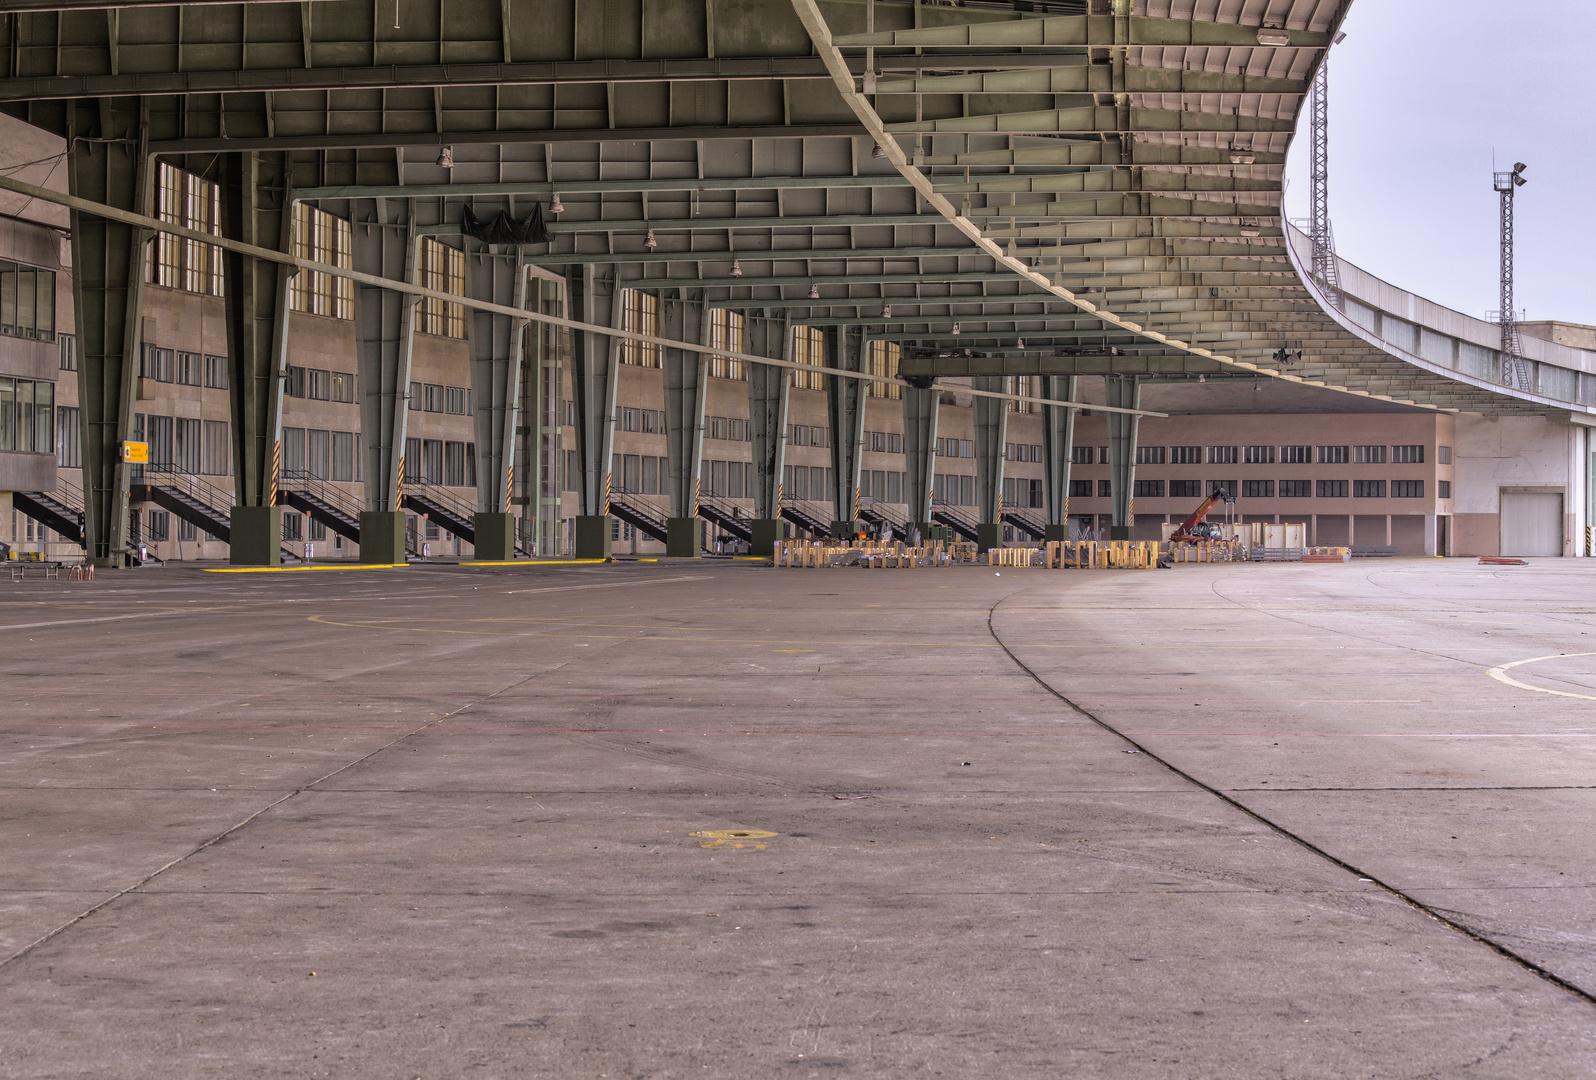 Flughafen Berlin Tempelhof (12)